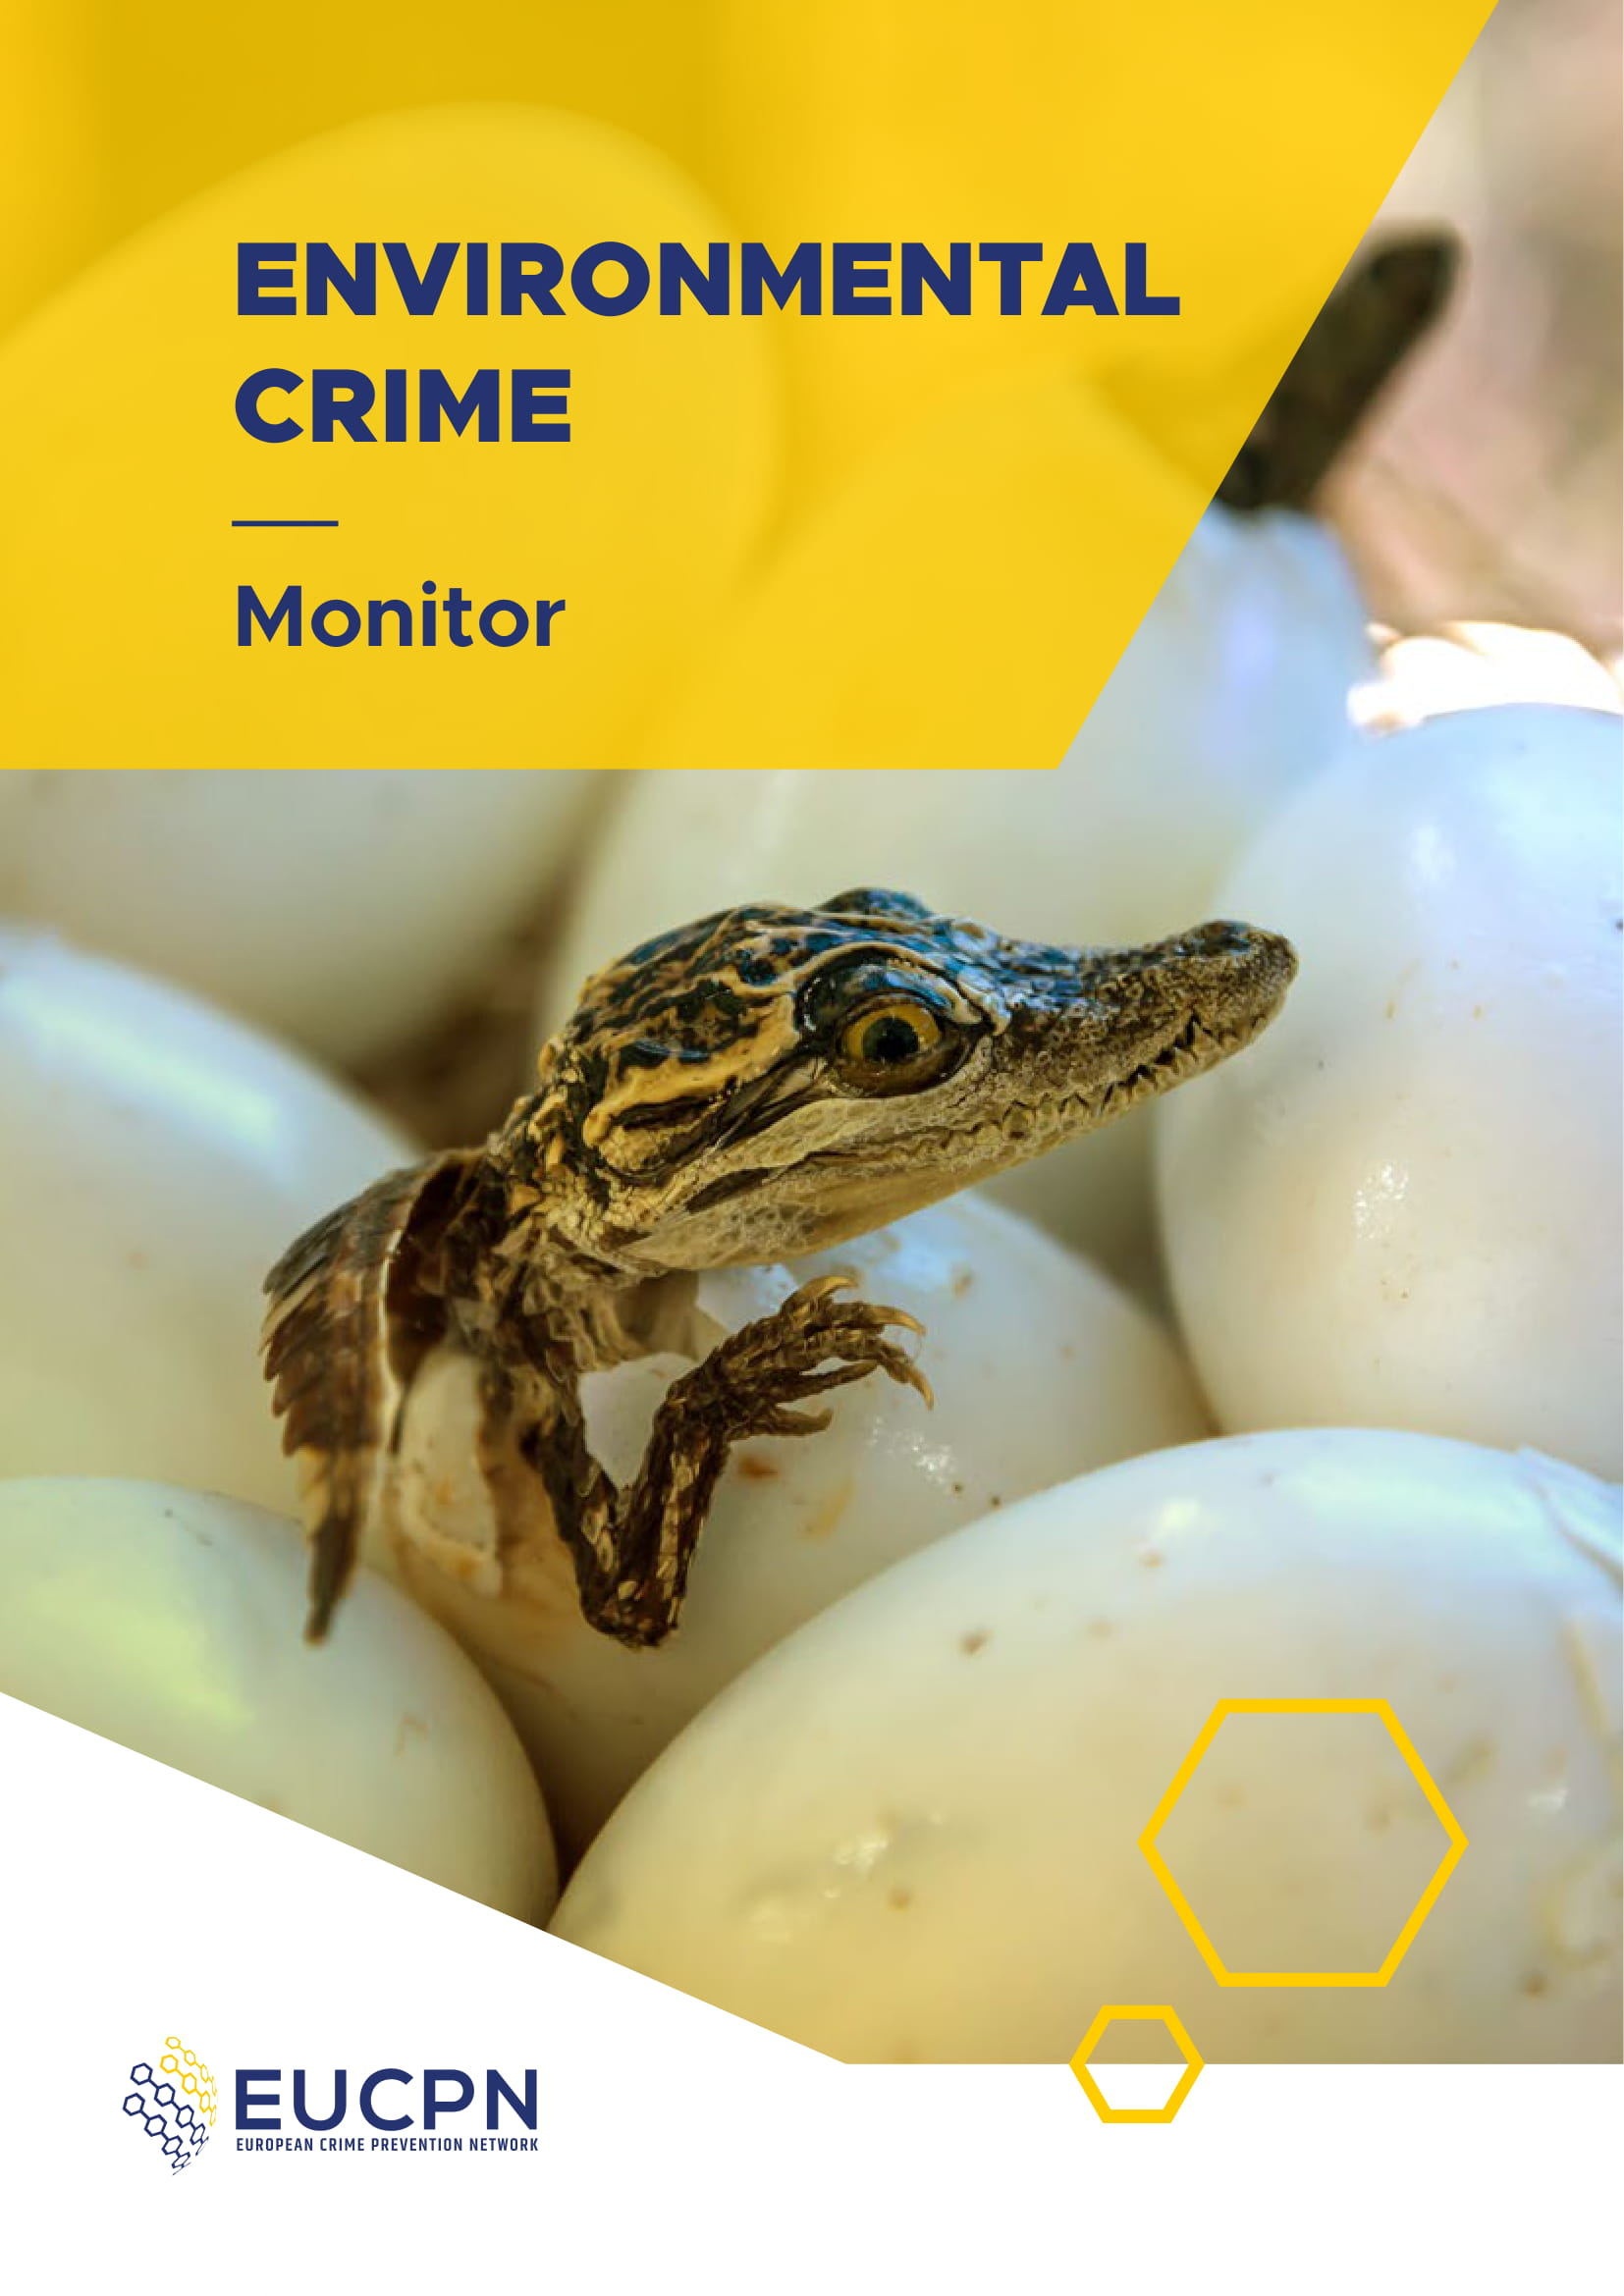 Environmental Crime Monitor - EUCPN